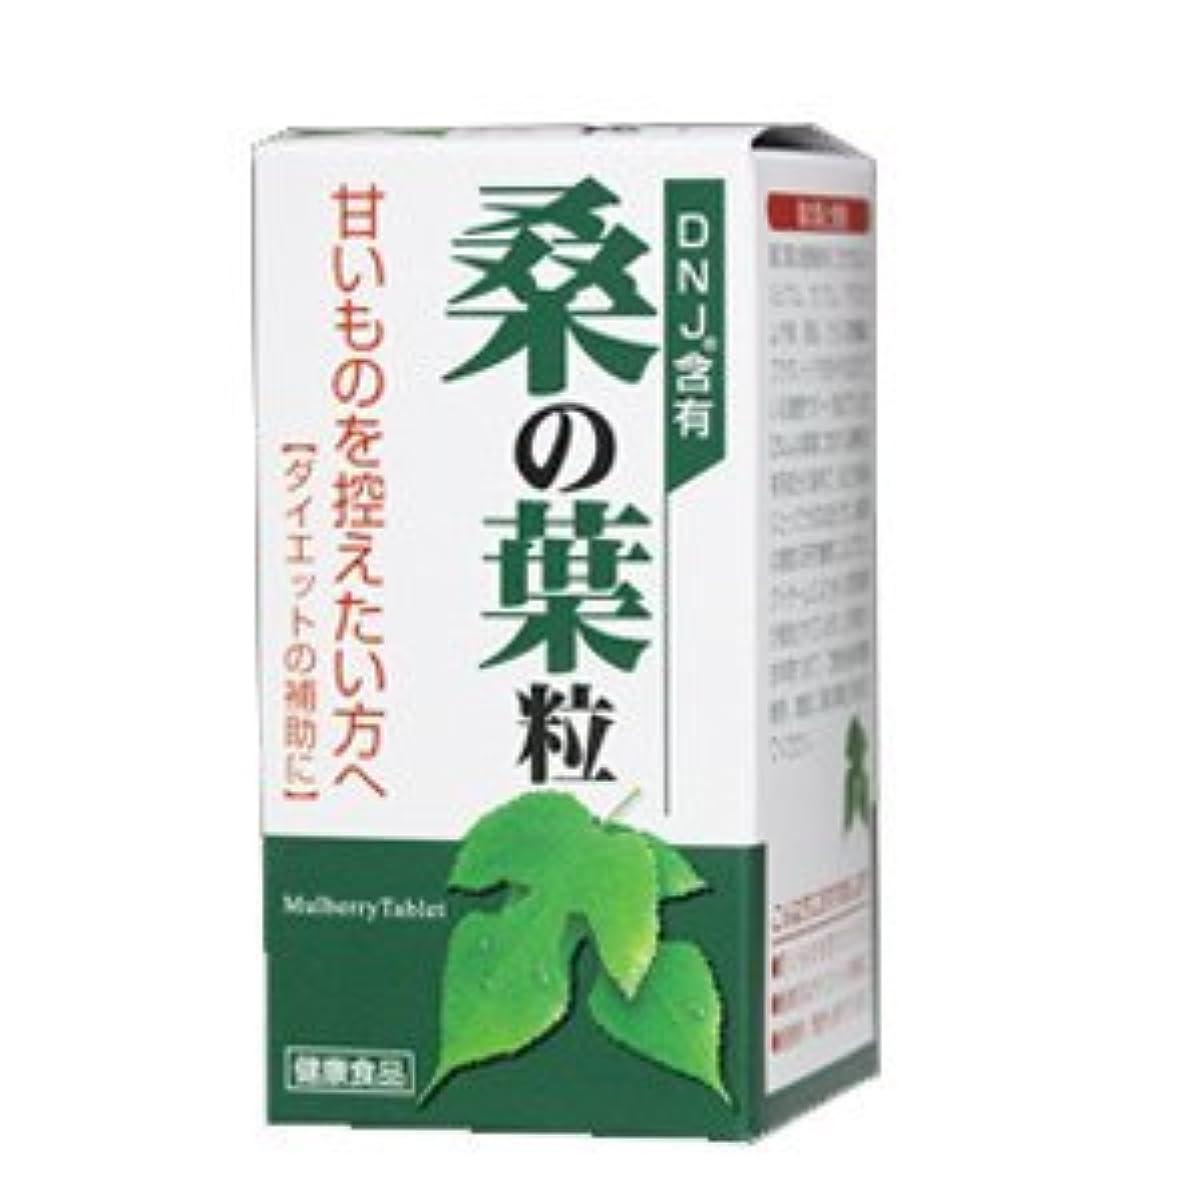 医師ジャーナル険しい桑の葉粒 270粒 2個 大草薬品